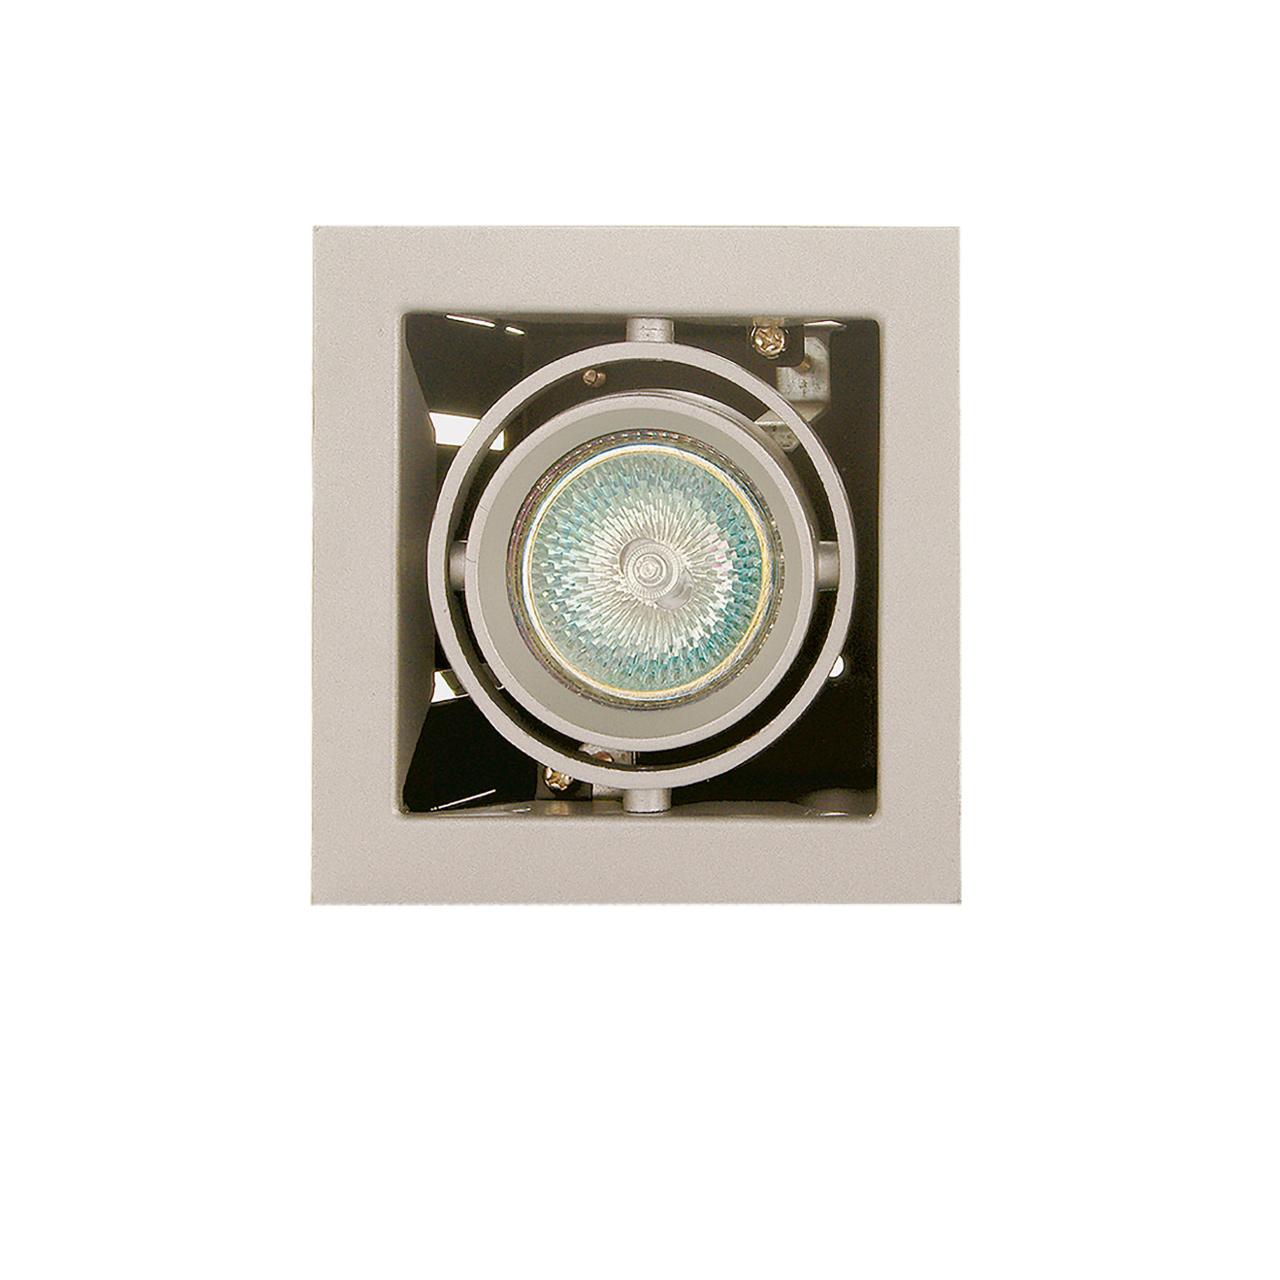 Светильник Cardano 16Х1 MR16 / HP16 титан Lightstar 214017